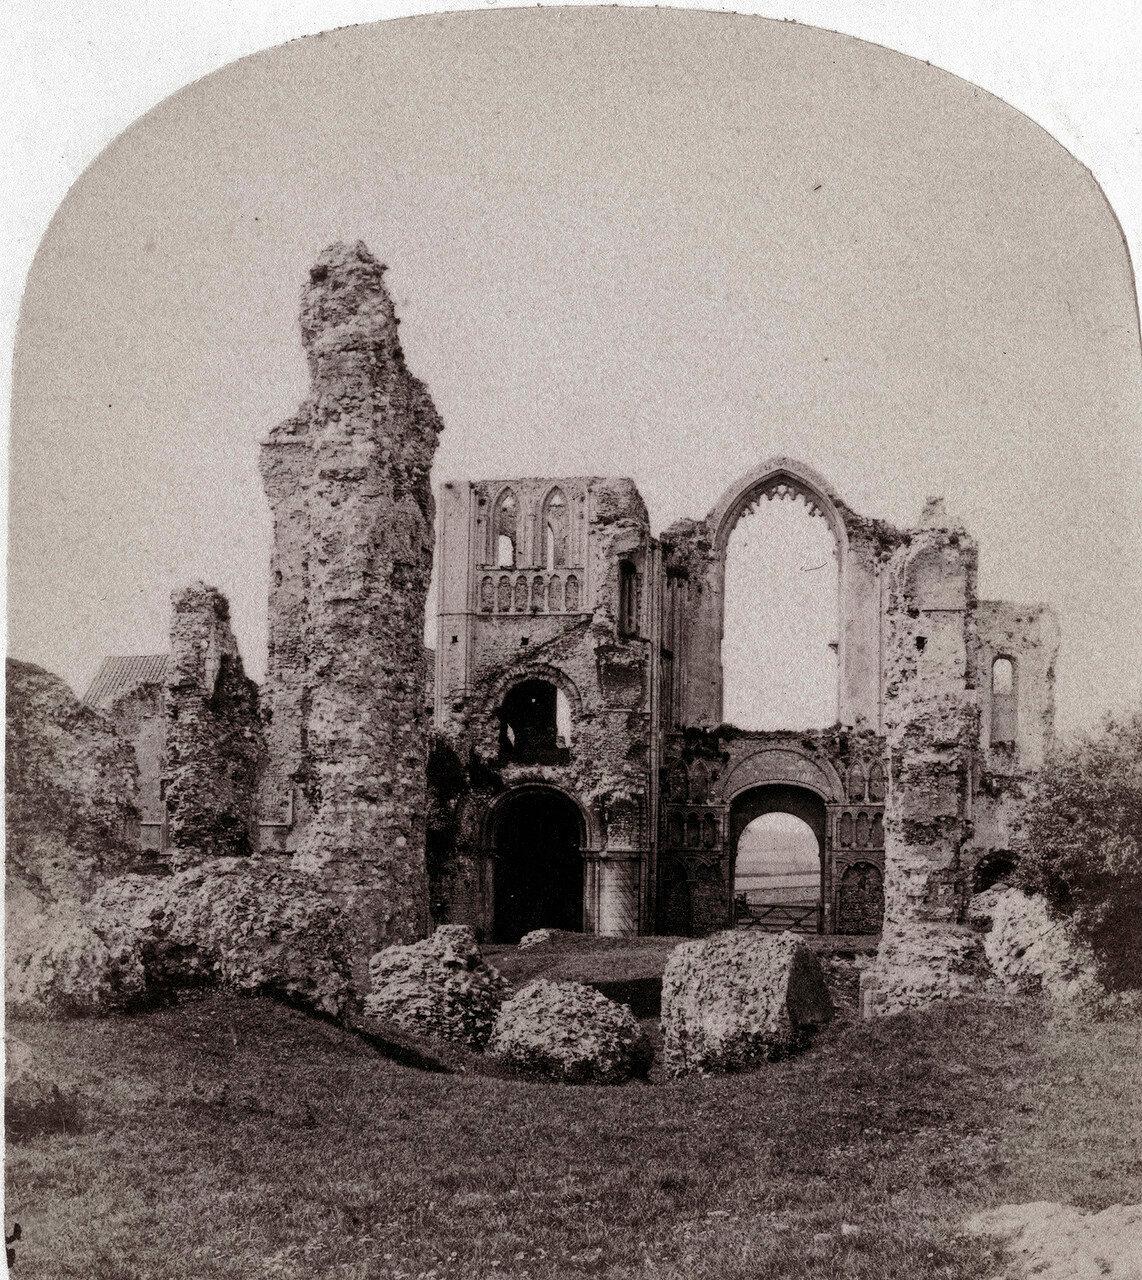 Монастырь Замка Акра. Великобритания, 1864